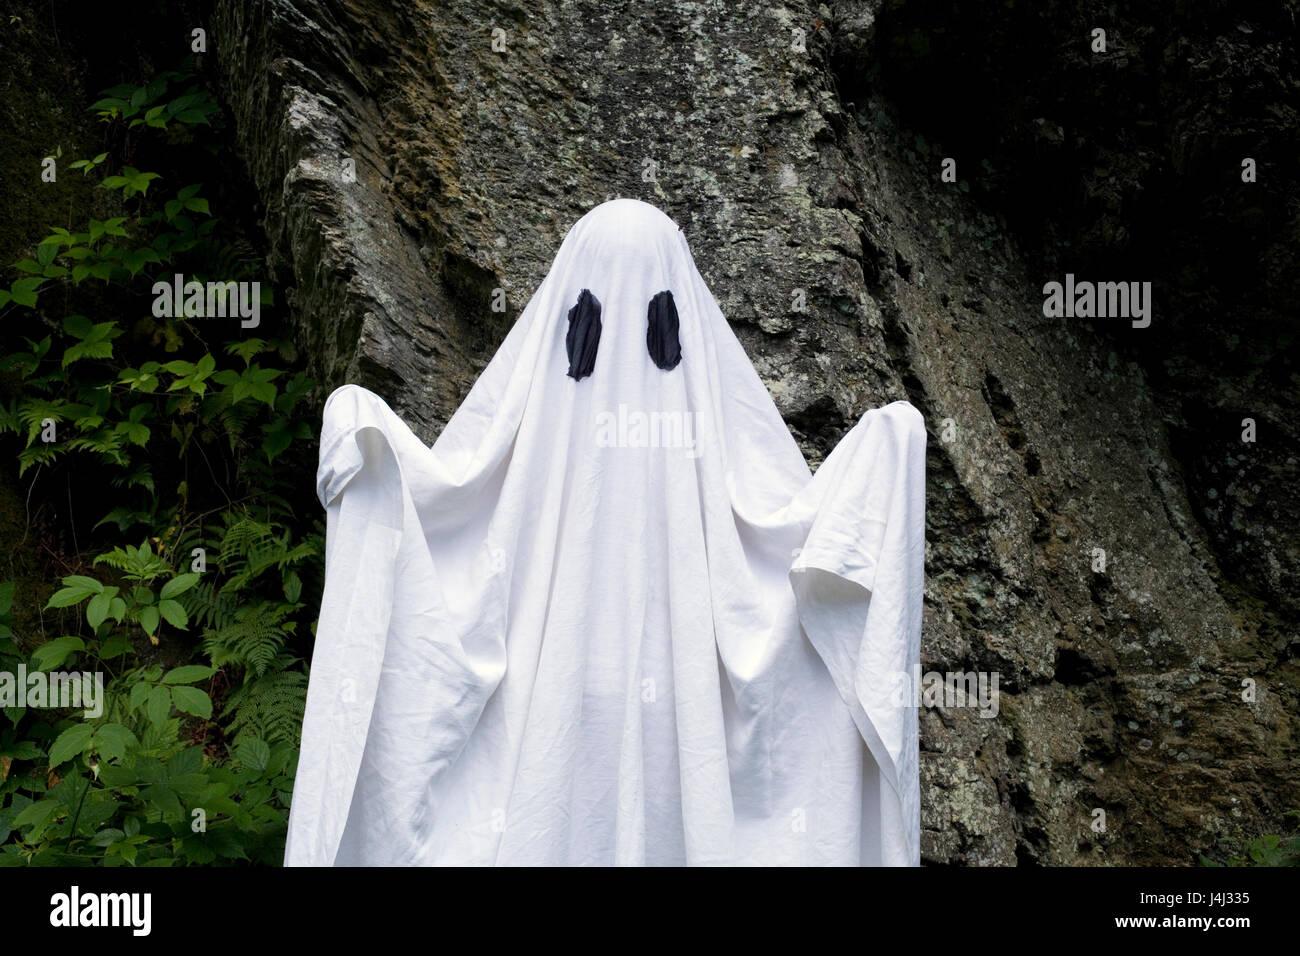 Un spooky fantasma bianco coperto da un foglio con feritoie sopra gli occhi  in piedi di fronte a una roccia. 4ea6cbaa015c